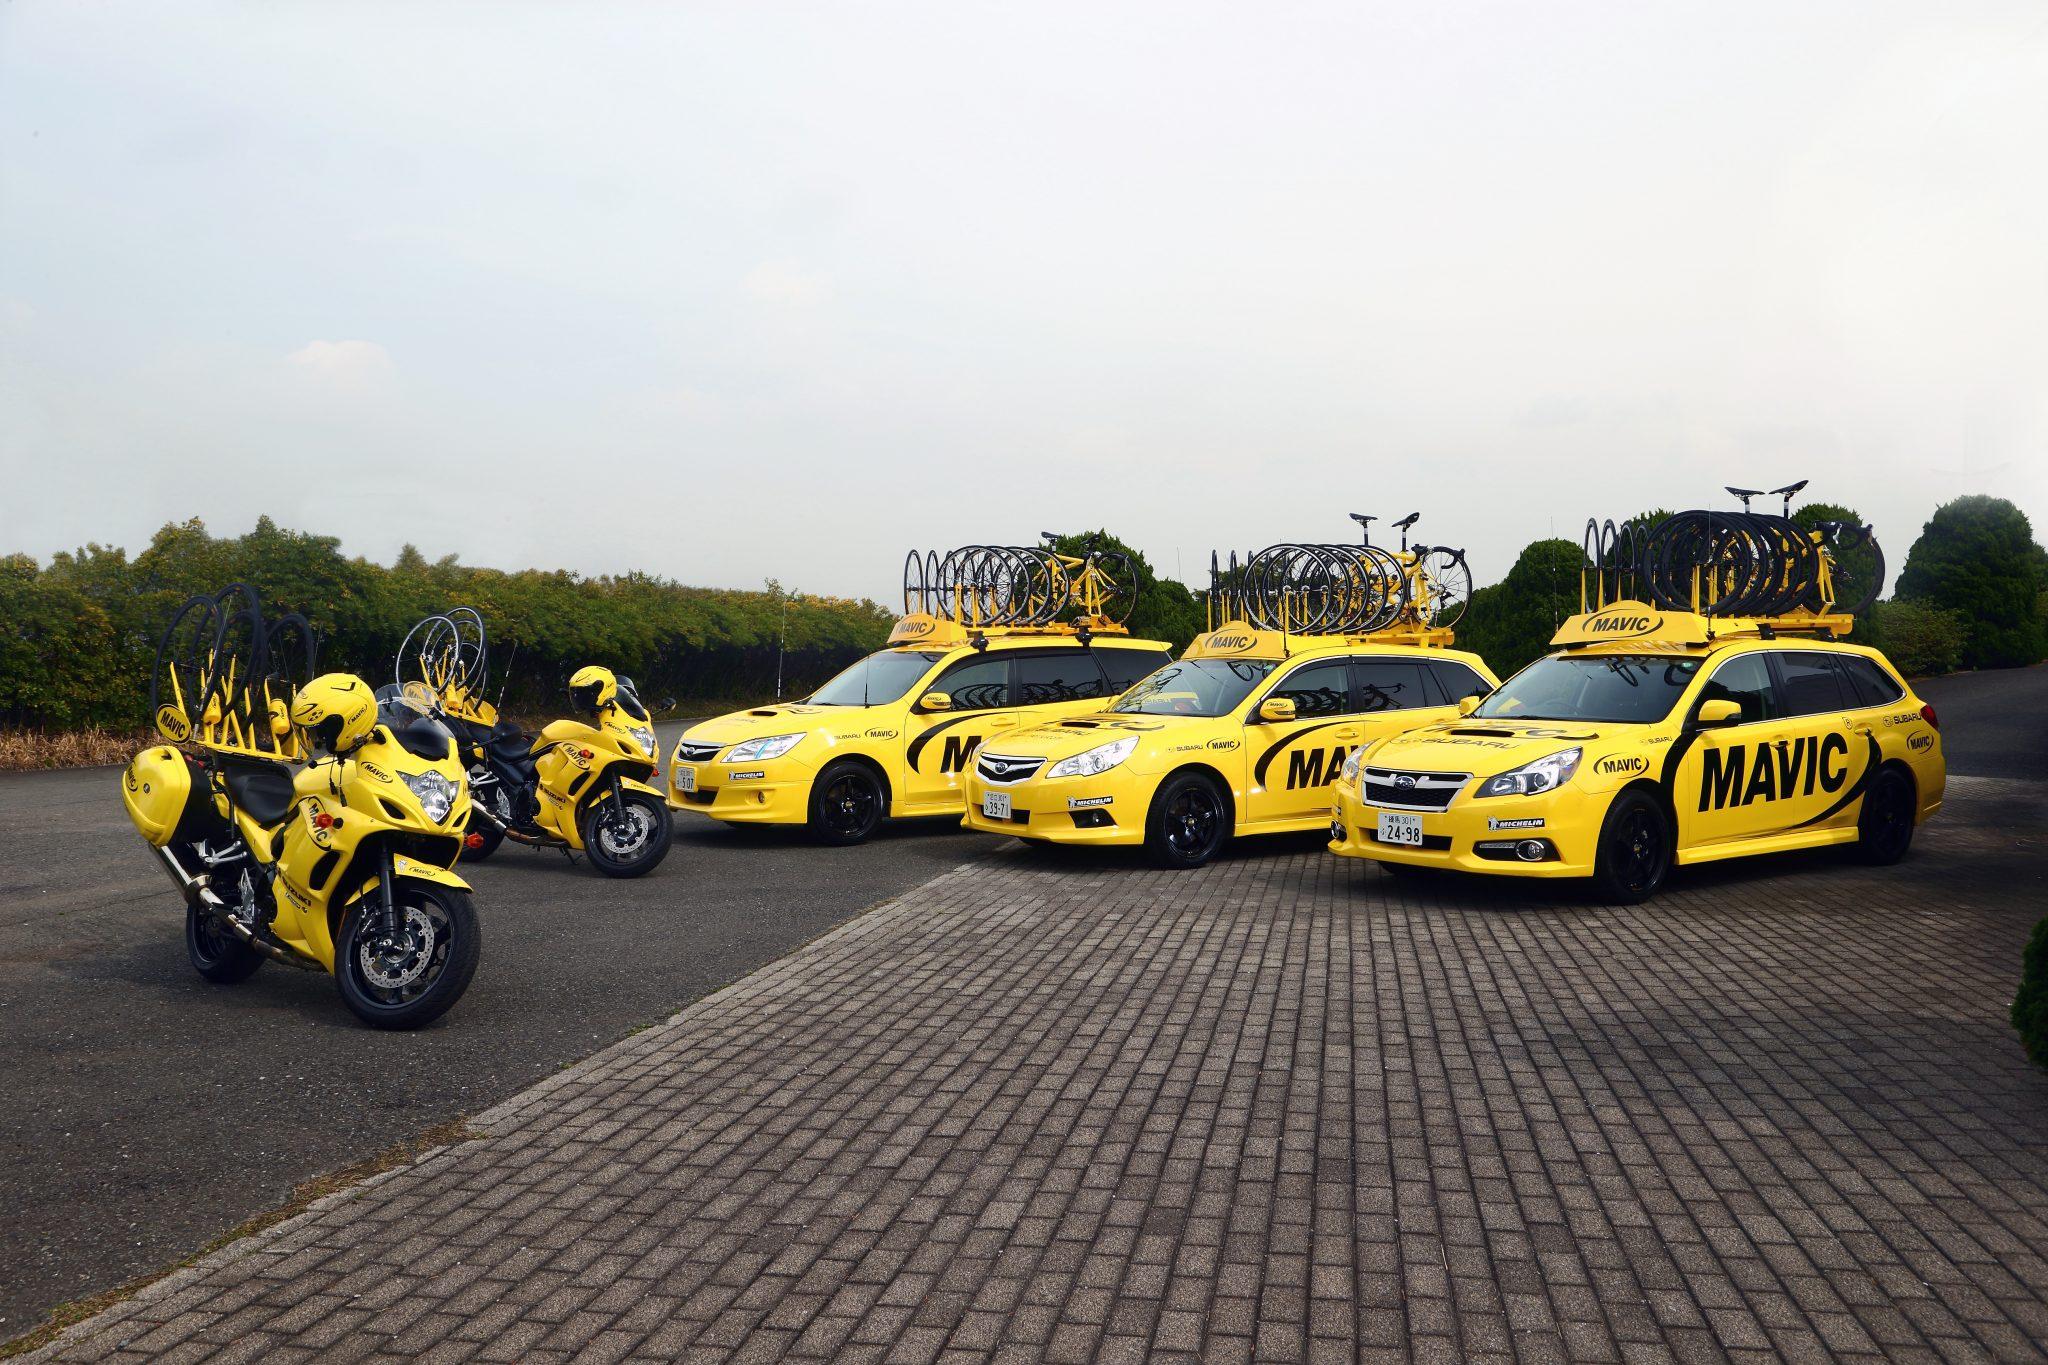 MOTO MAVIC CARS